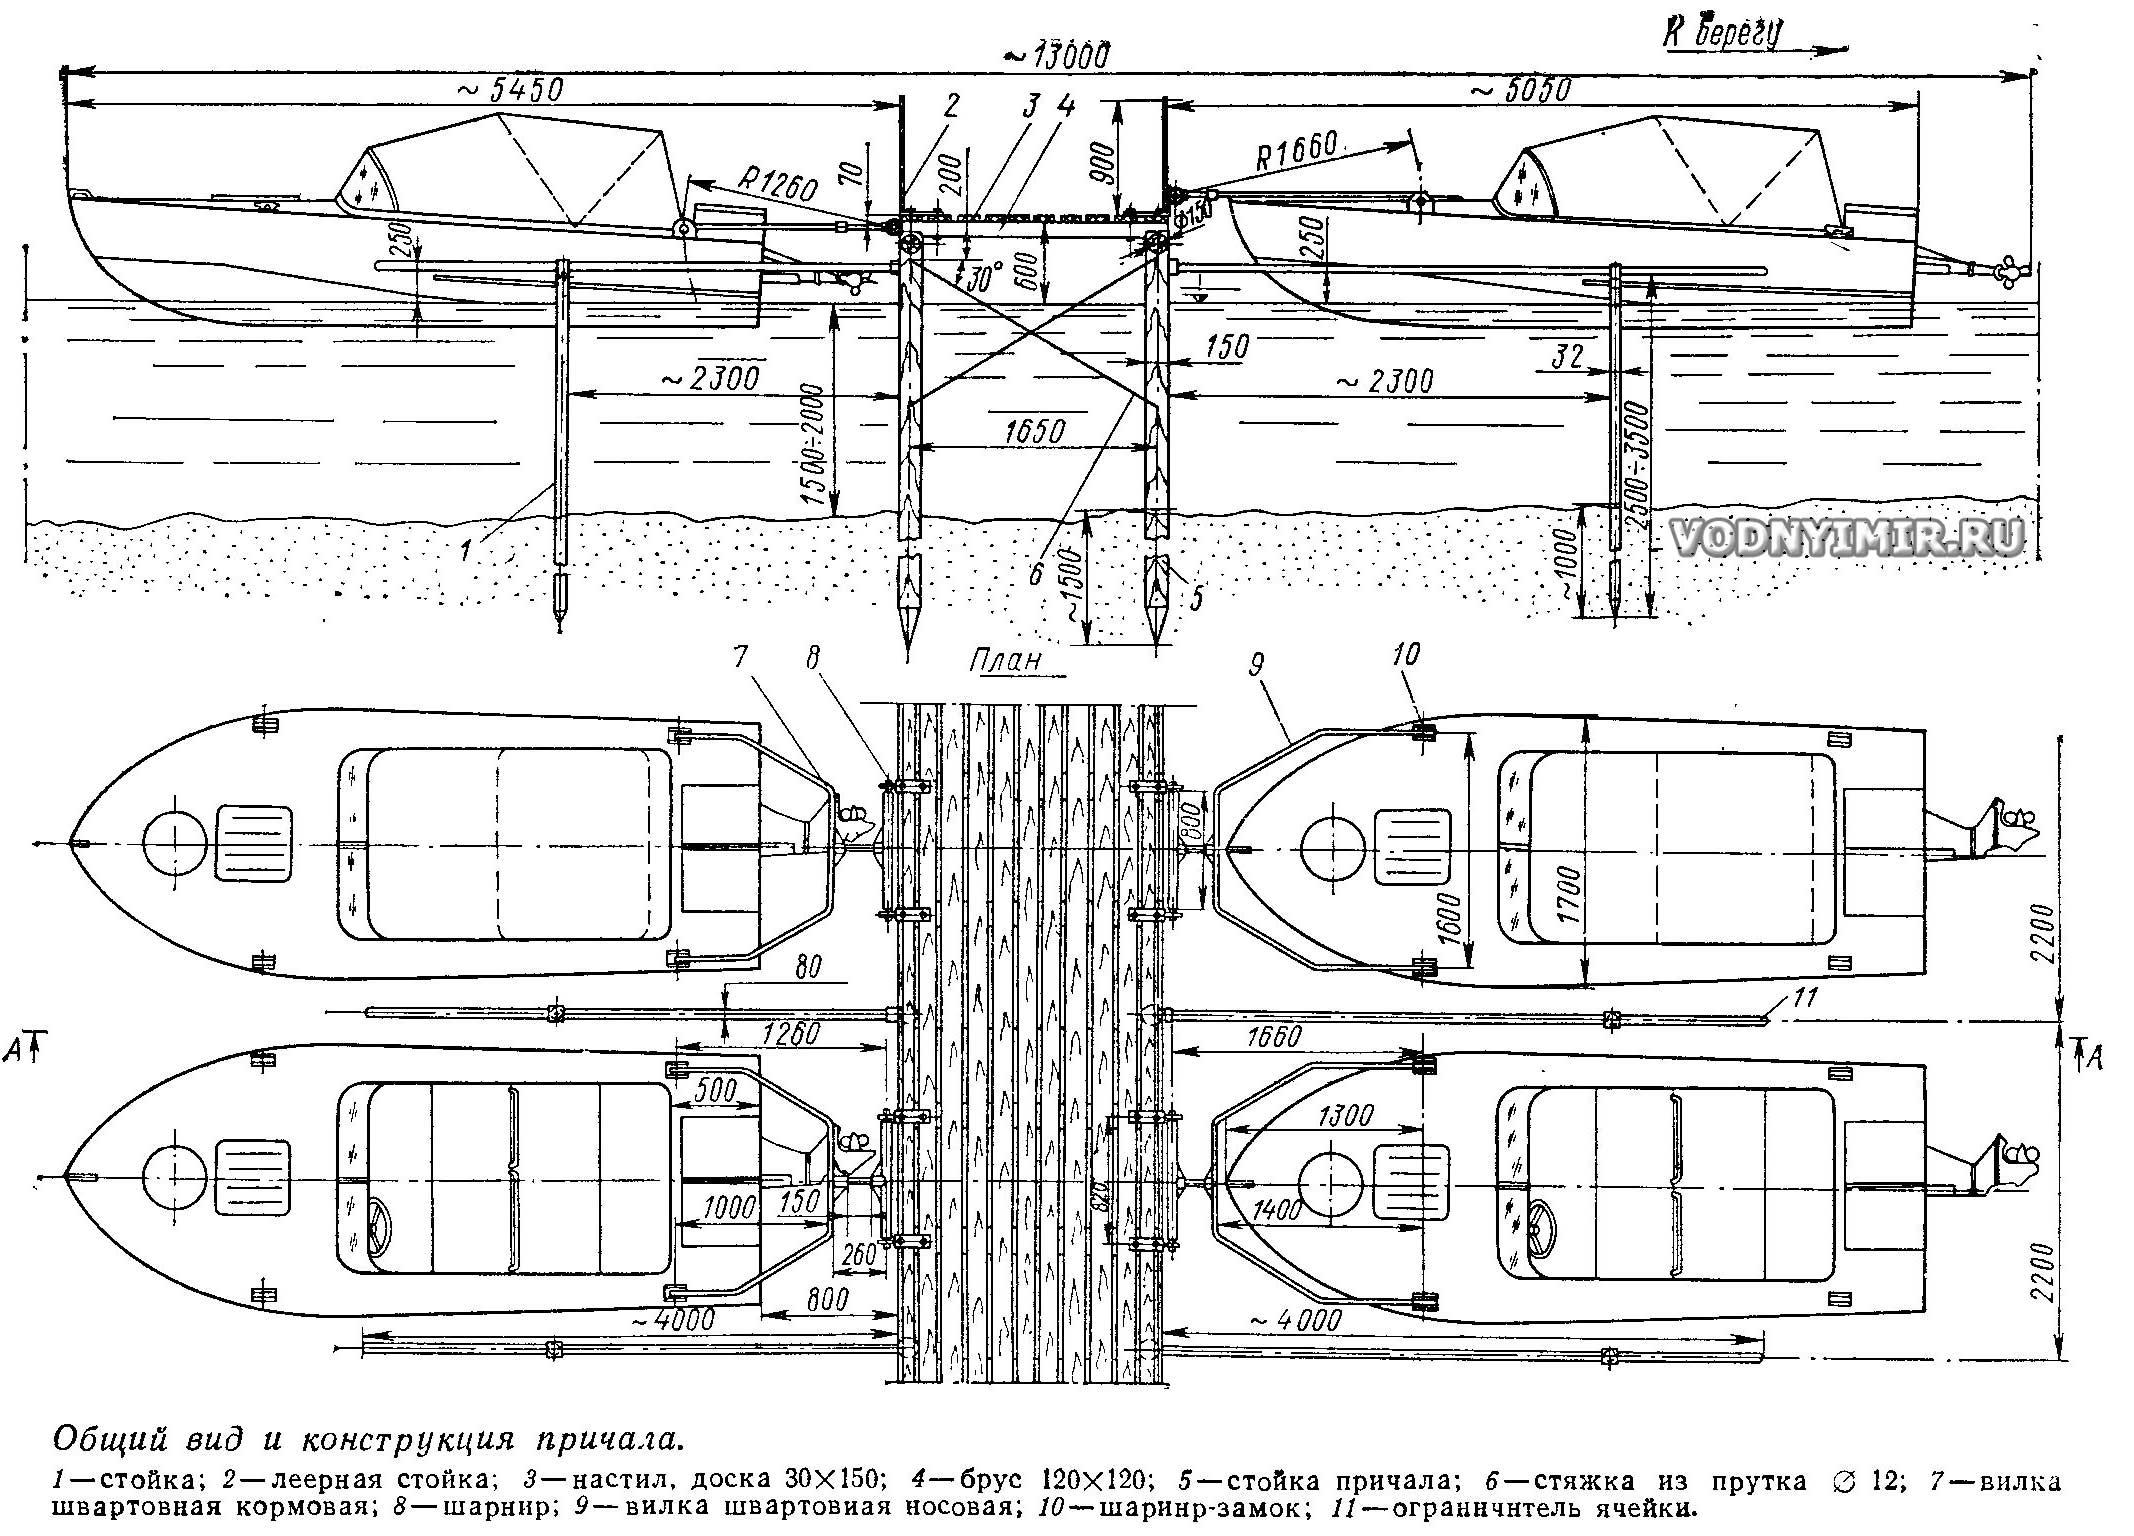 Prístroj na dokovanie lode